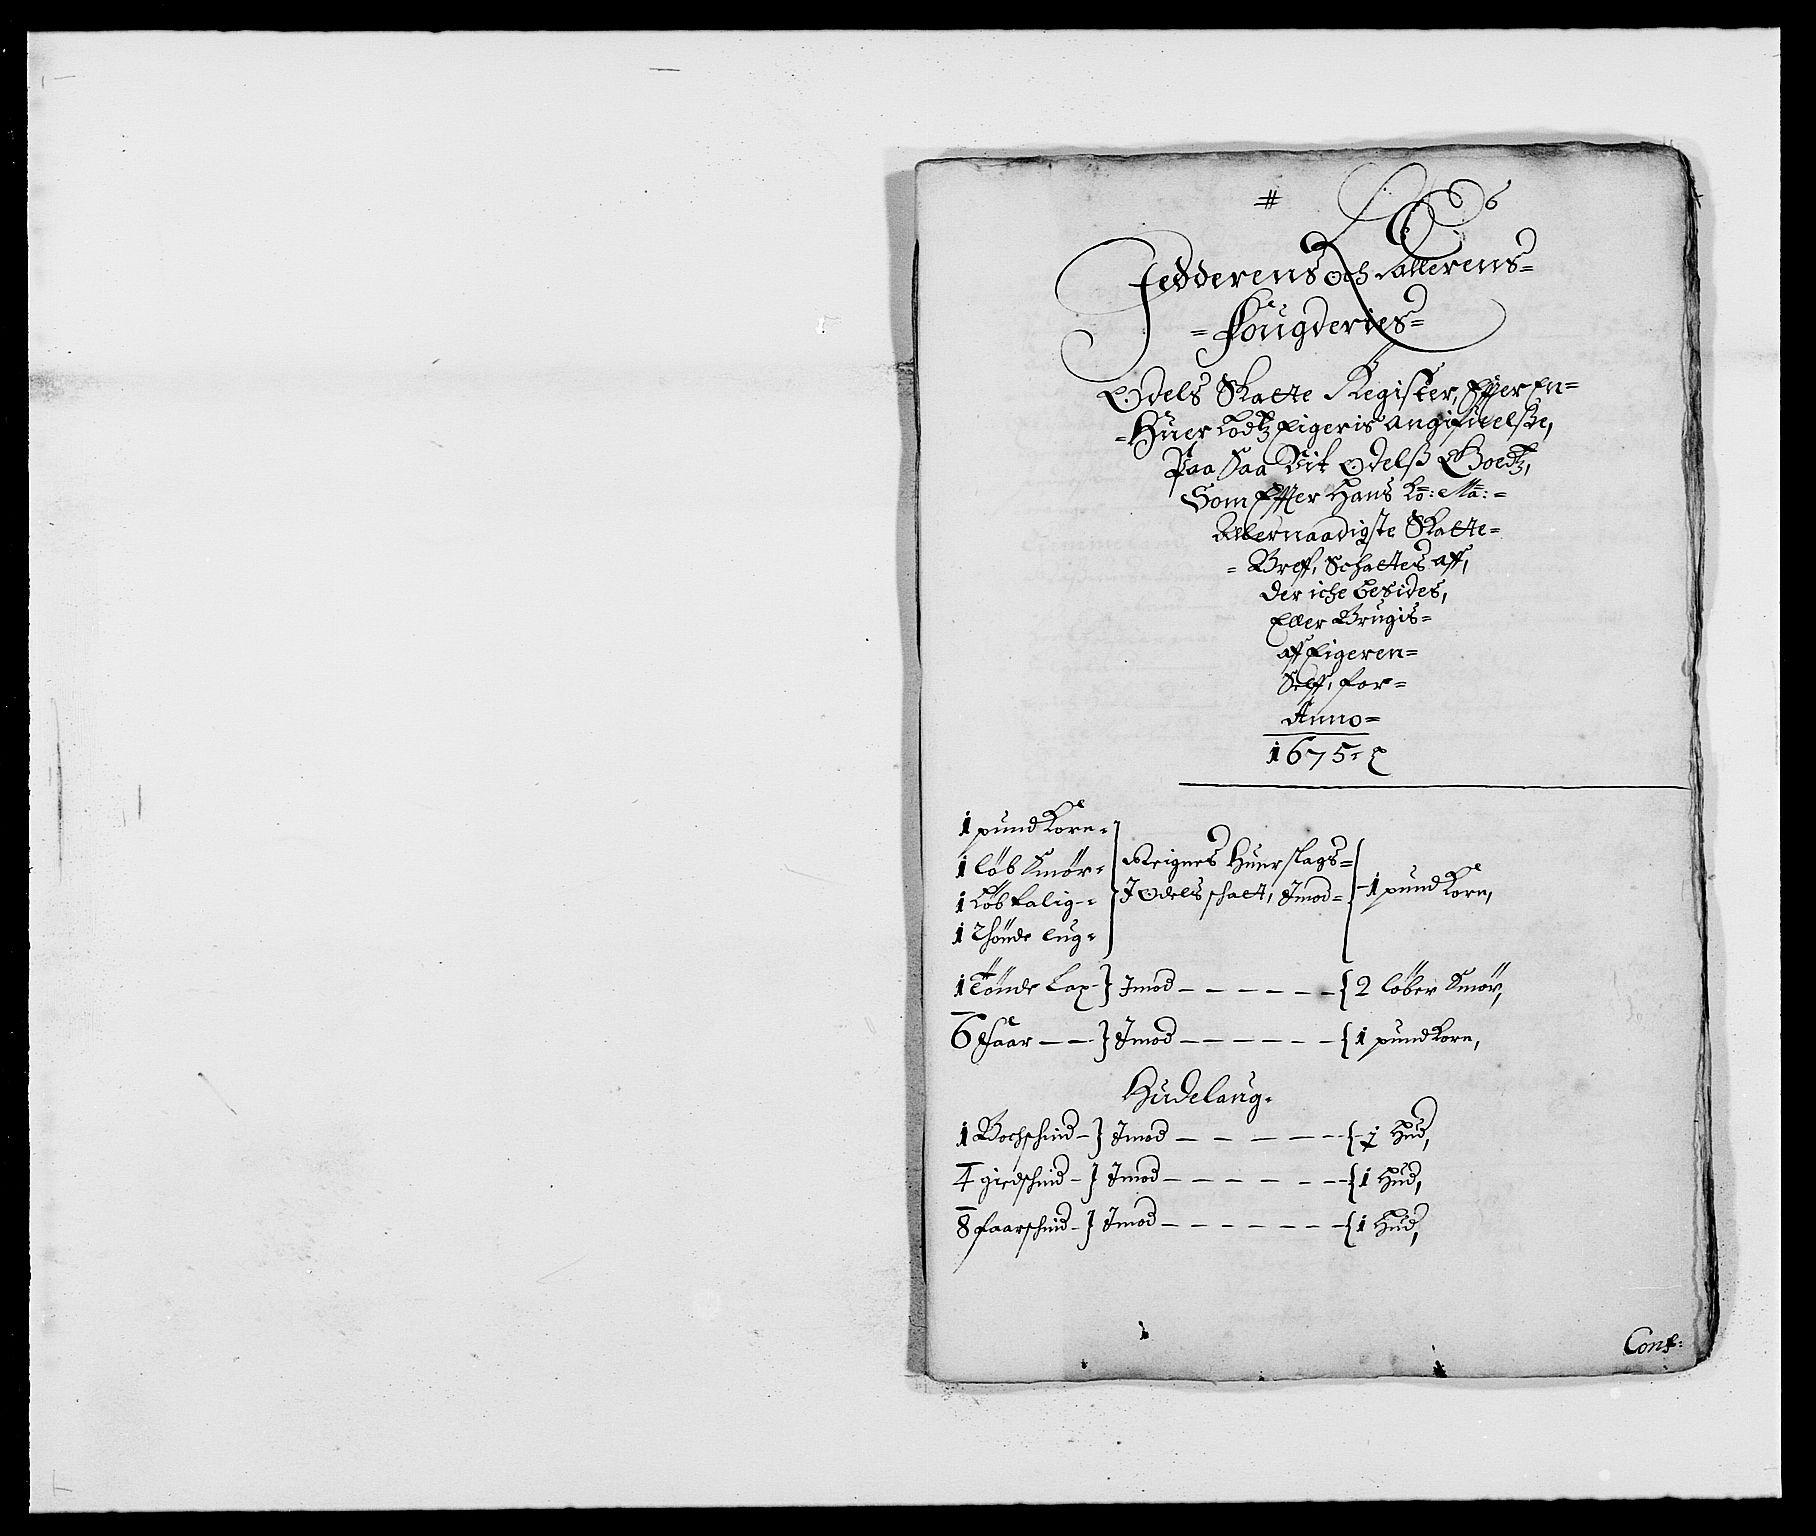 RA, Rentekammeret inntil 1814, Reviderte regnskaper, Fogderegnskap, R46/L2715: Fogderegnskap Jæren og Dalane, 1675, s. 181